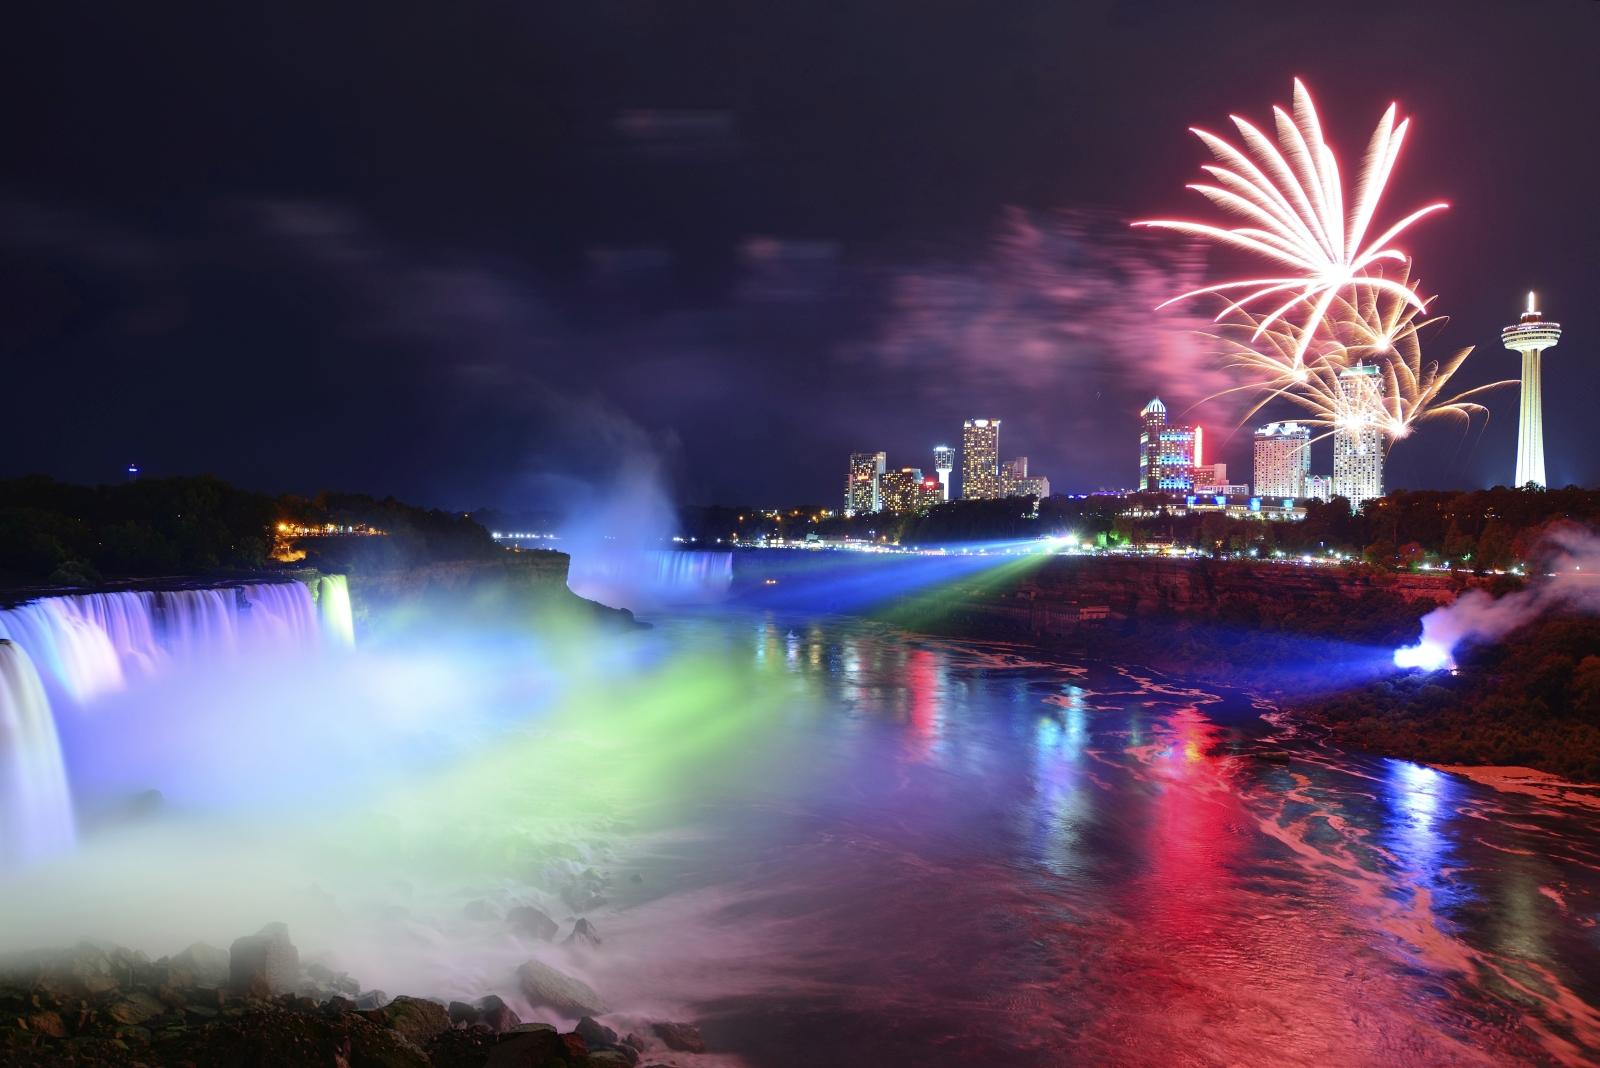 Niagaraf Lle Naturgewalt Riesiger Wassermassen